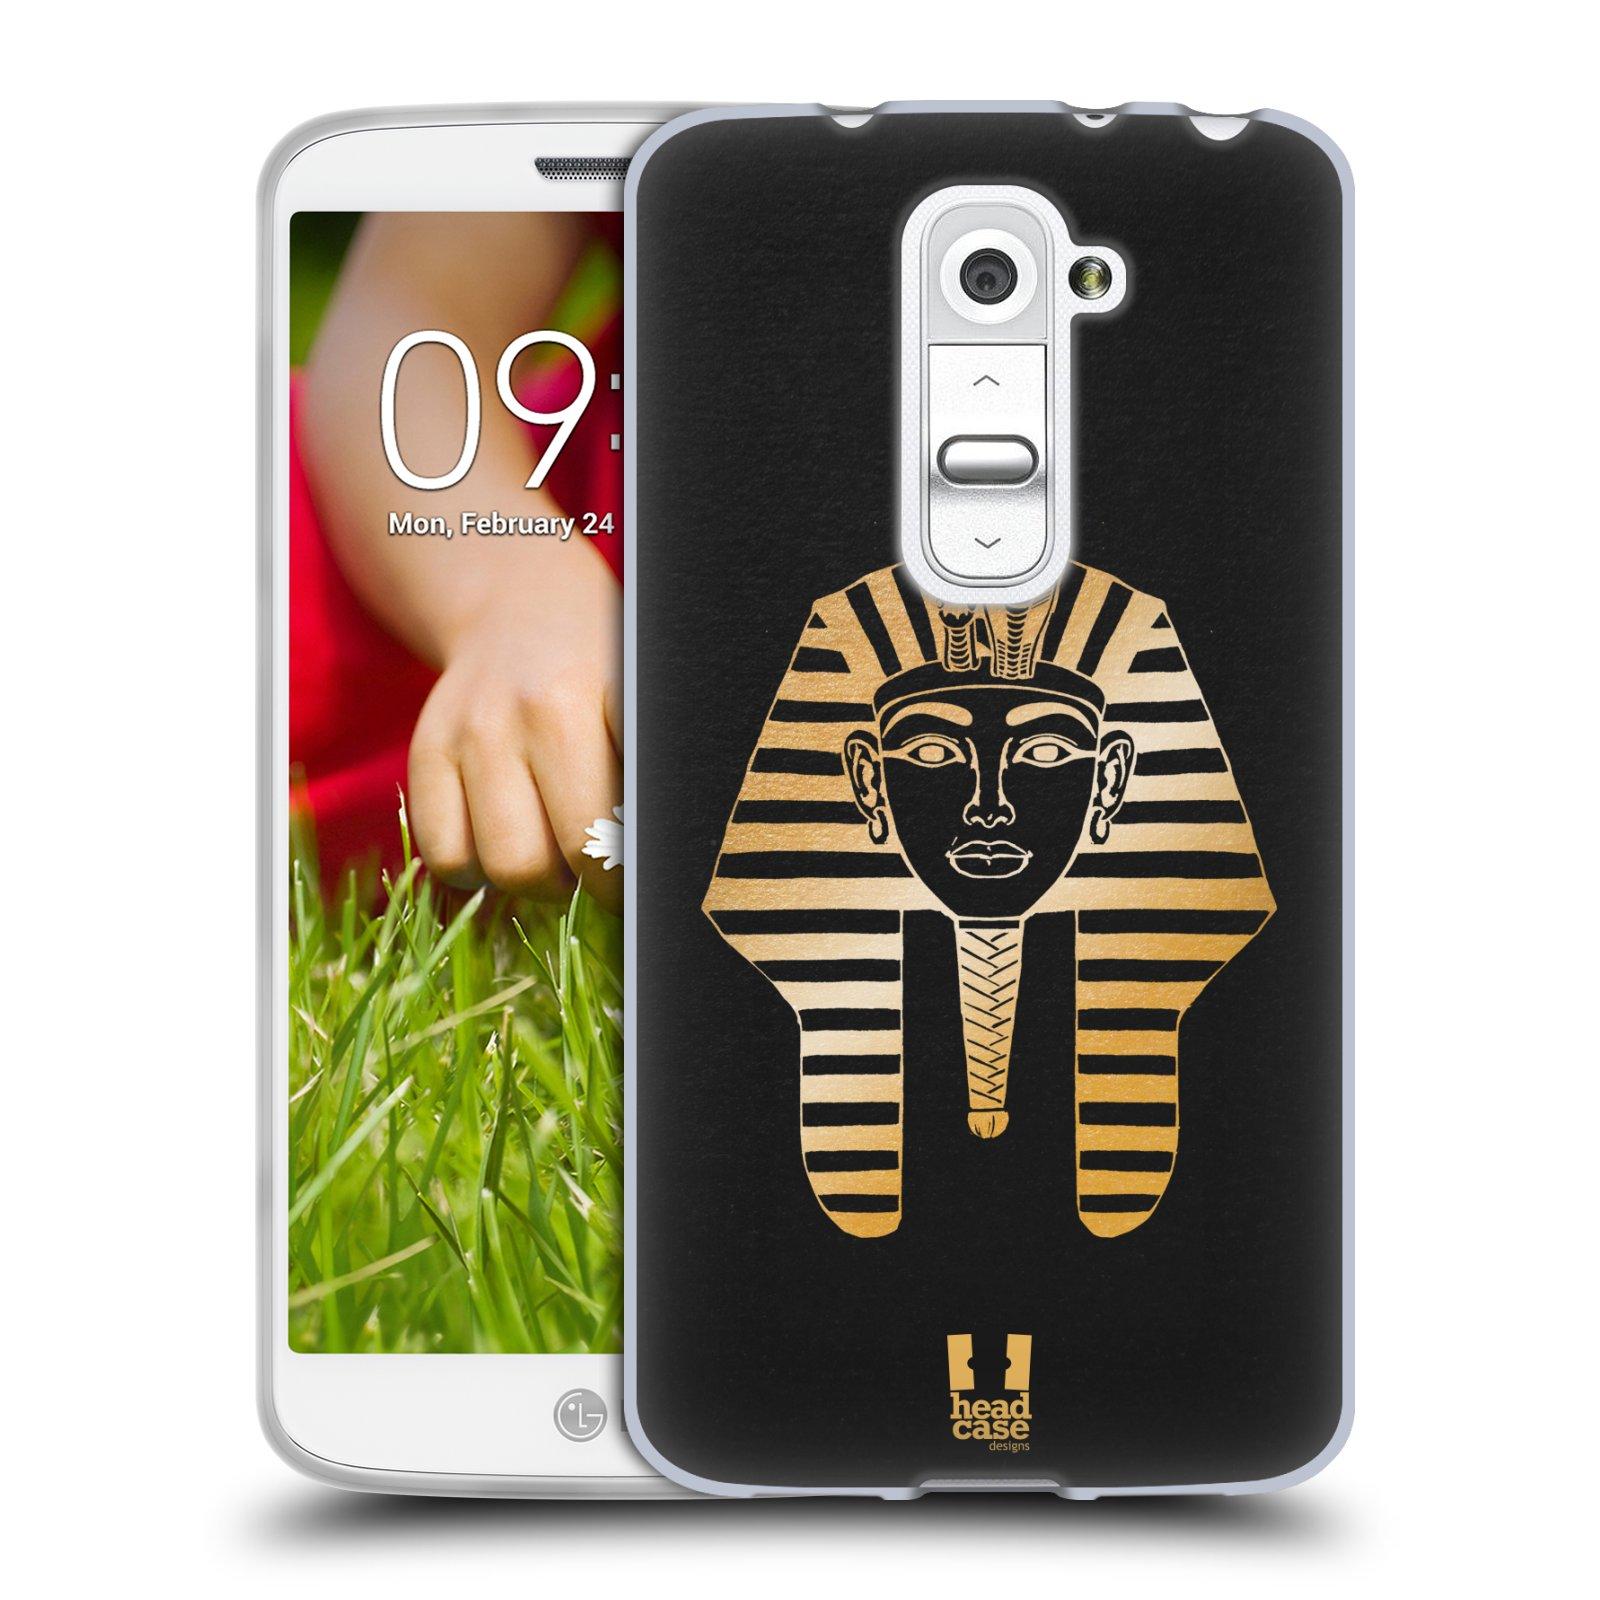 Silikonové pouzdro na mobil LG G2 Mini HEAD CASE EGYPT FARAON (Silikonový kryt či obal na mobilní telefon LG G2 Mini D620)